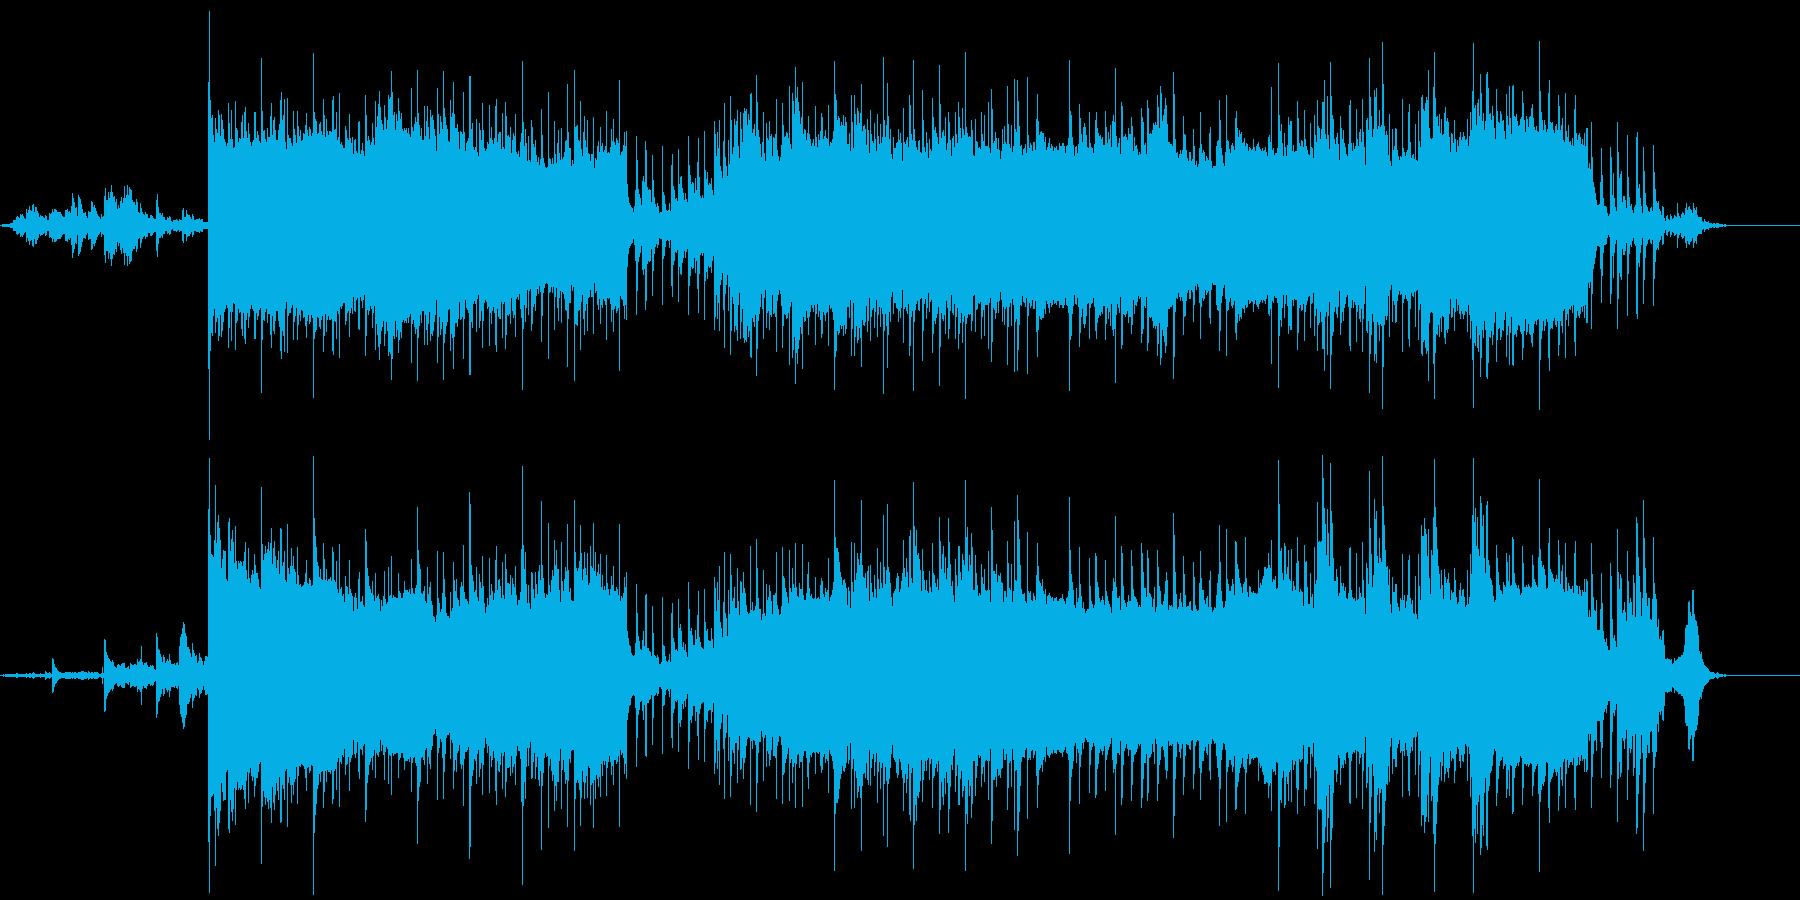 切なく寂しげな雰囲気の電子音楽の再生済みの波形